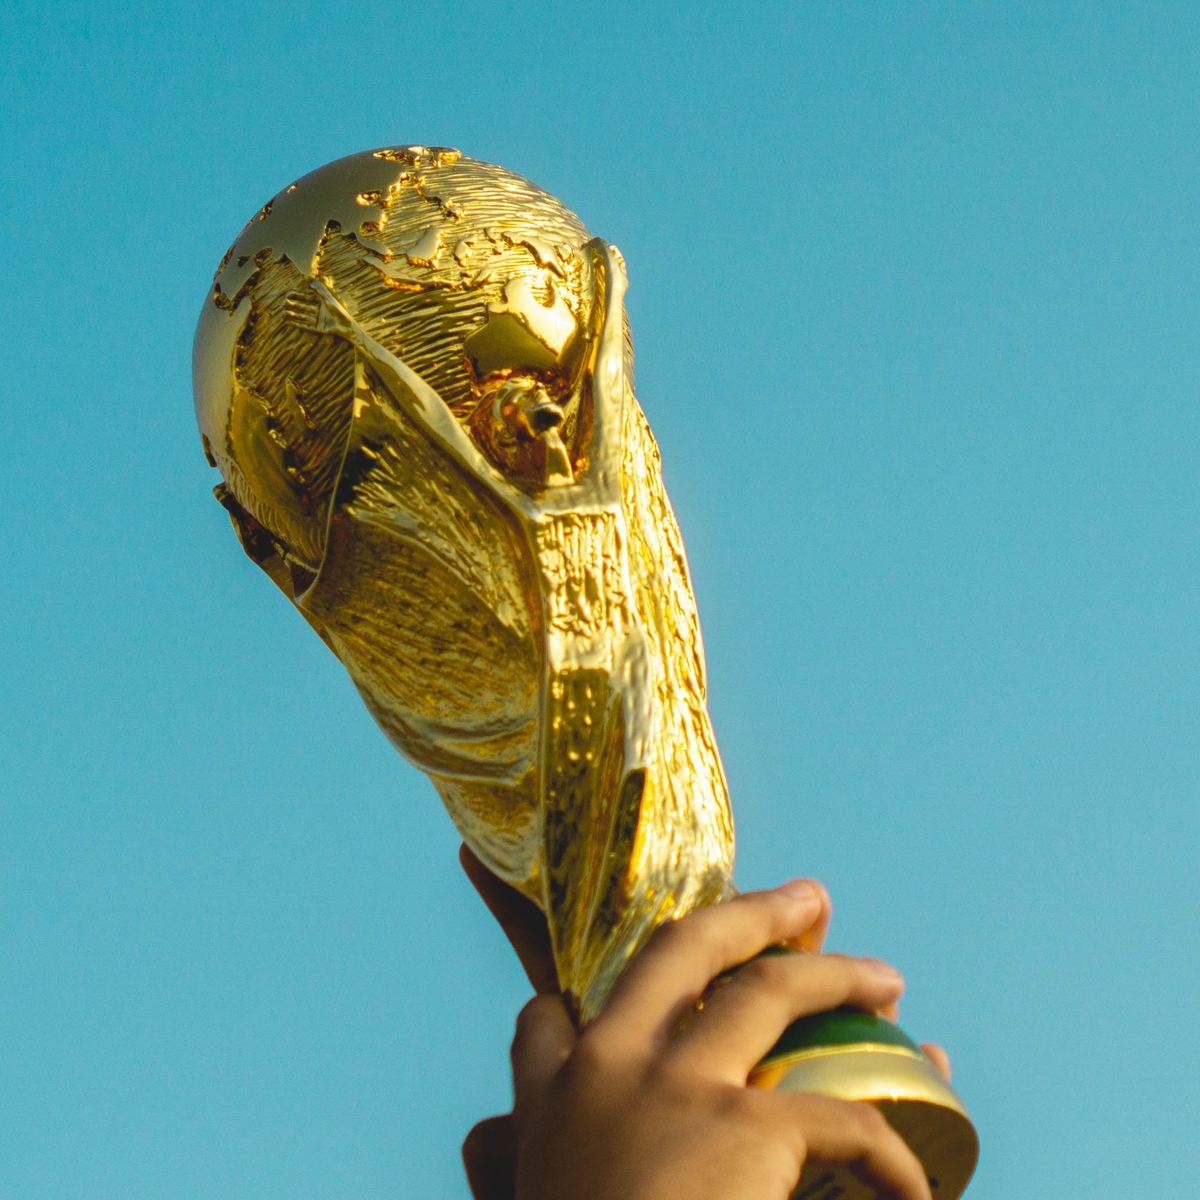 FIFA World Cup 2018 Tweets | Kaggle